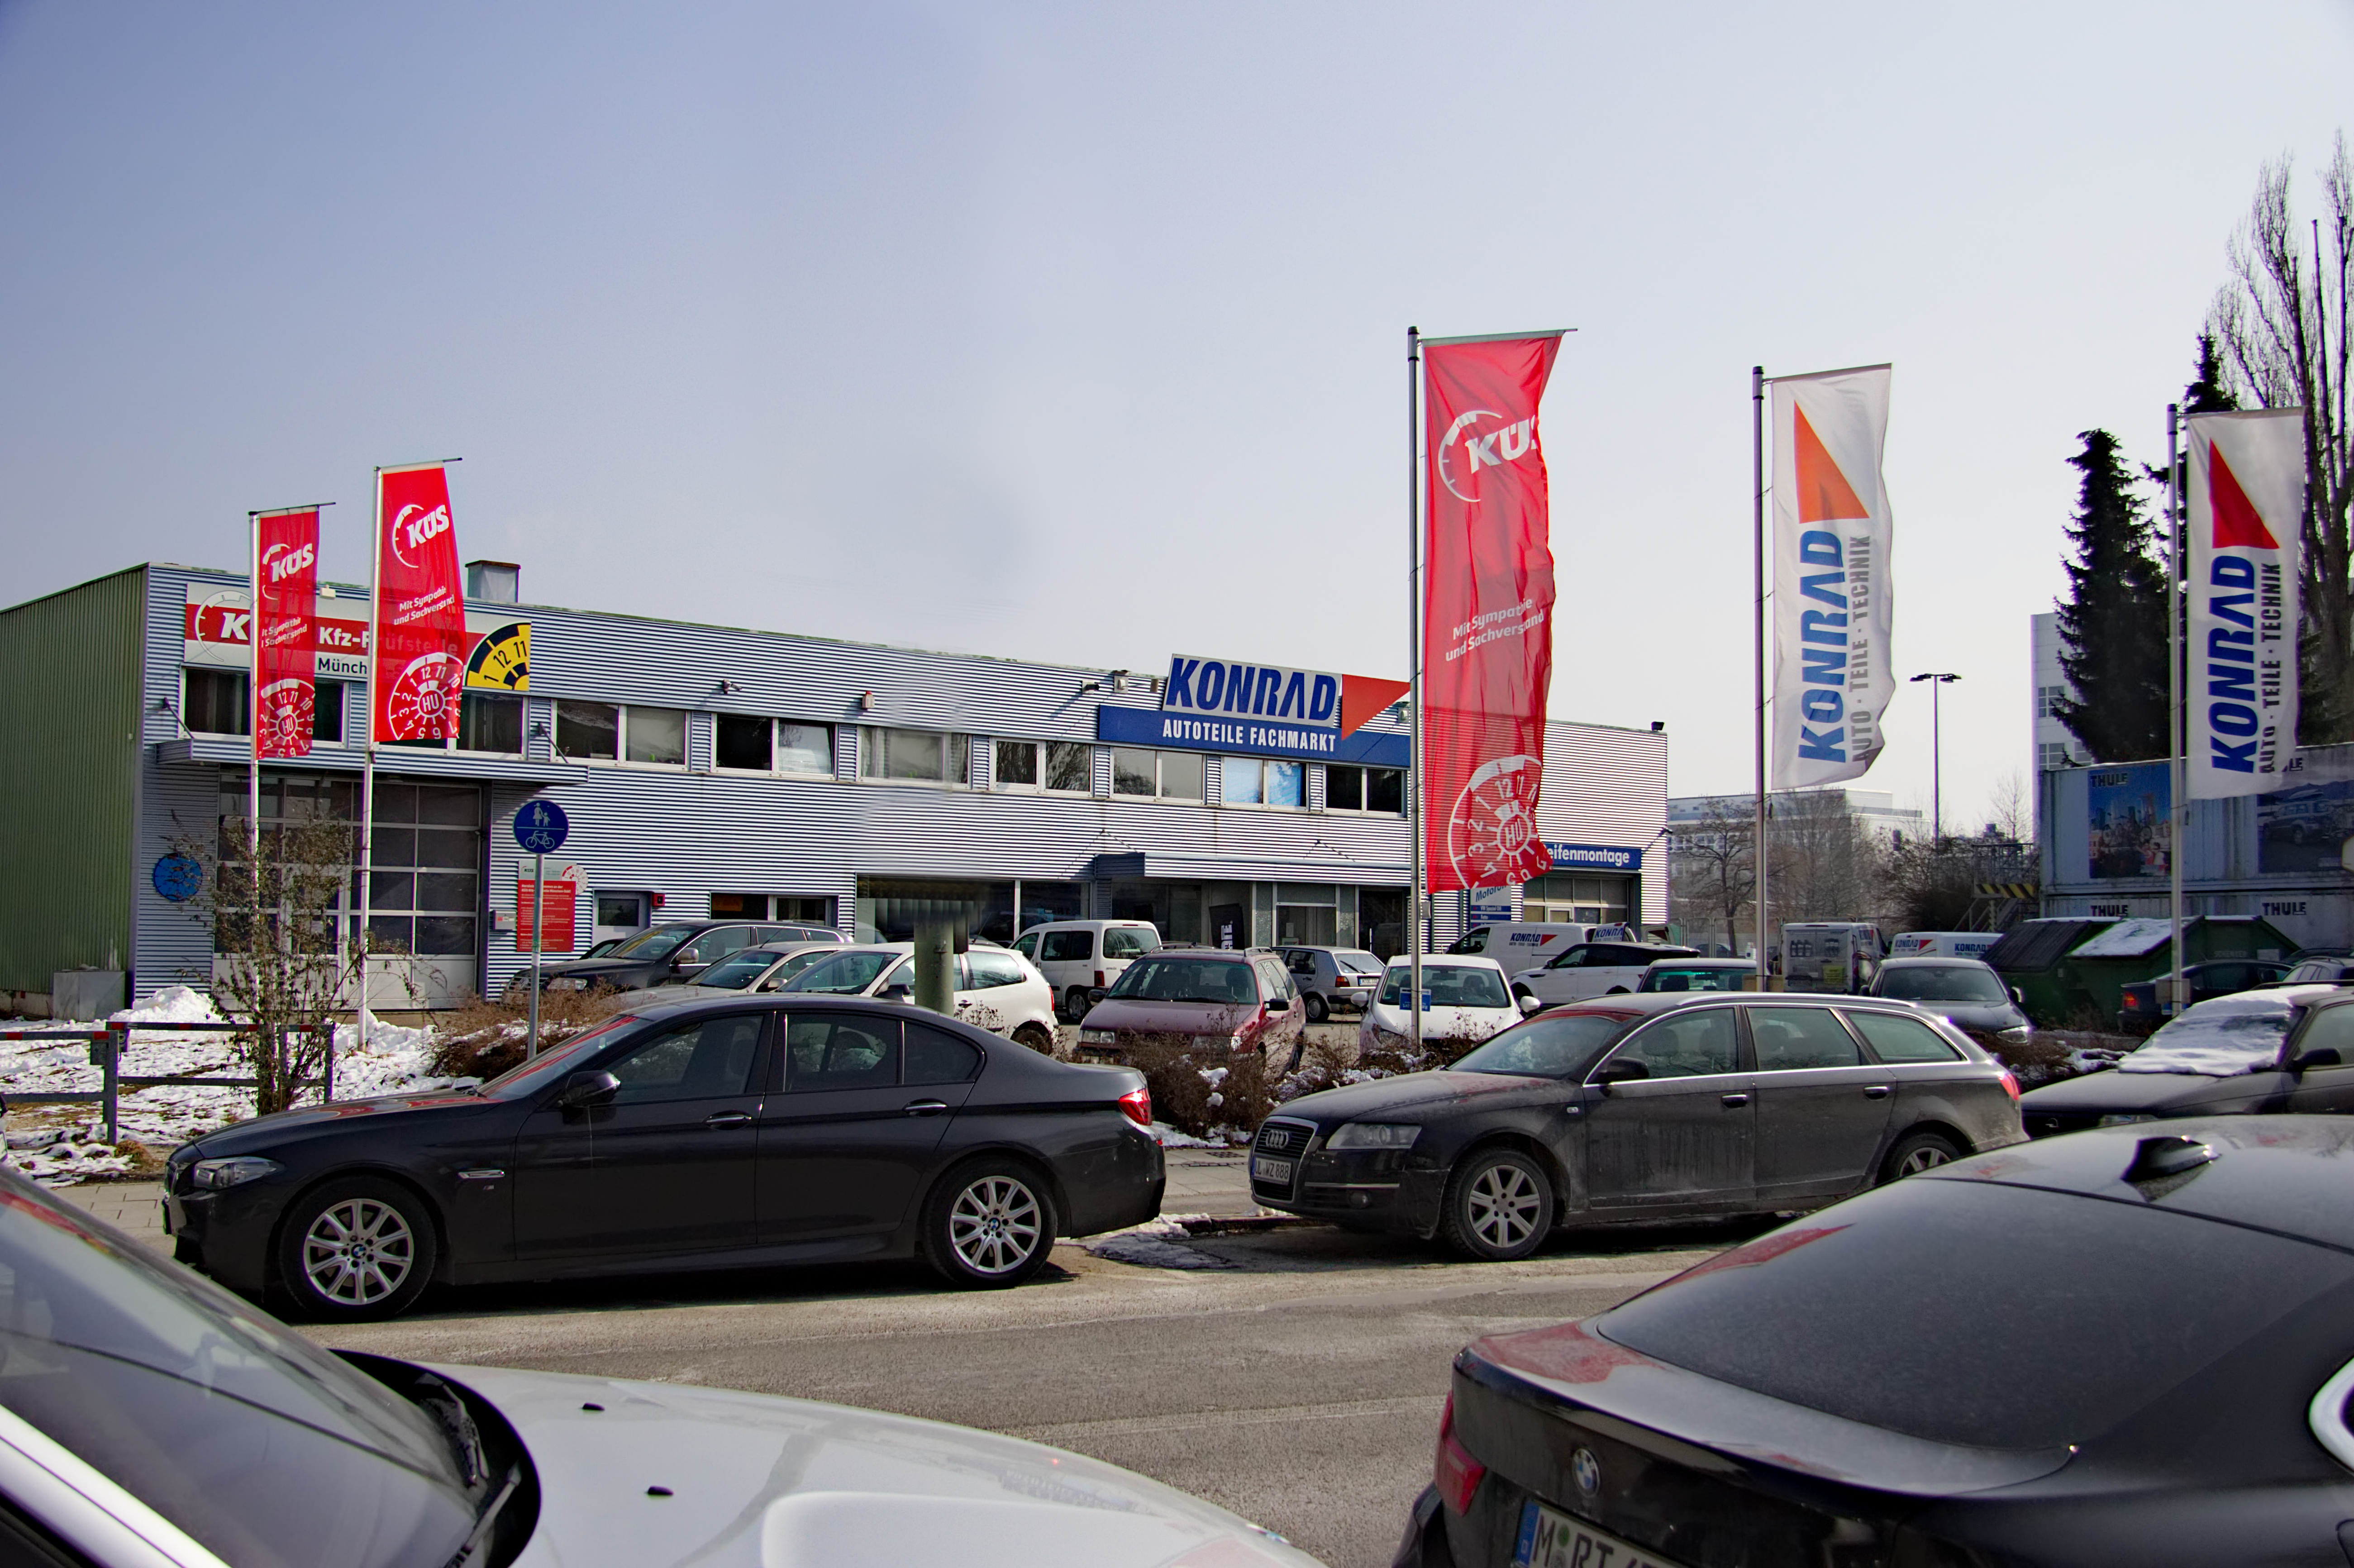 Konrad Autoteile - Filiale München